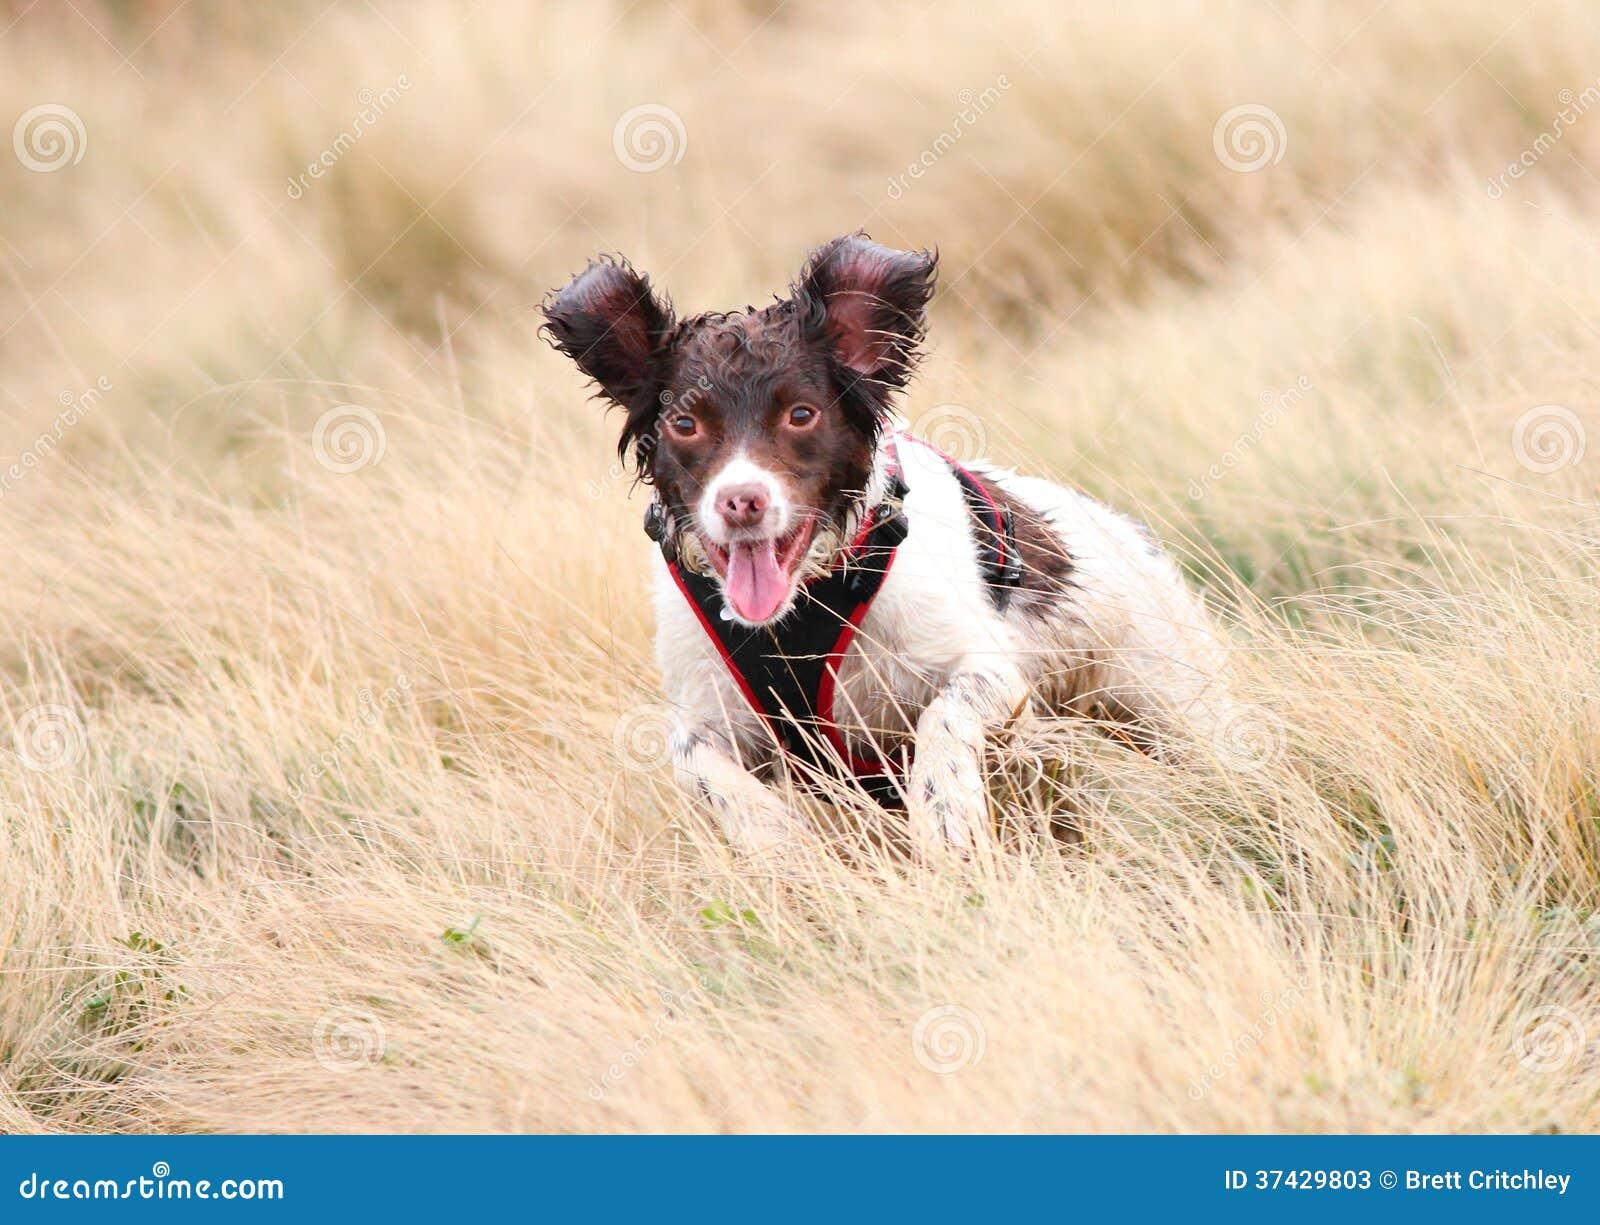 Dog Jumping Royalty-Fr...